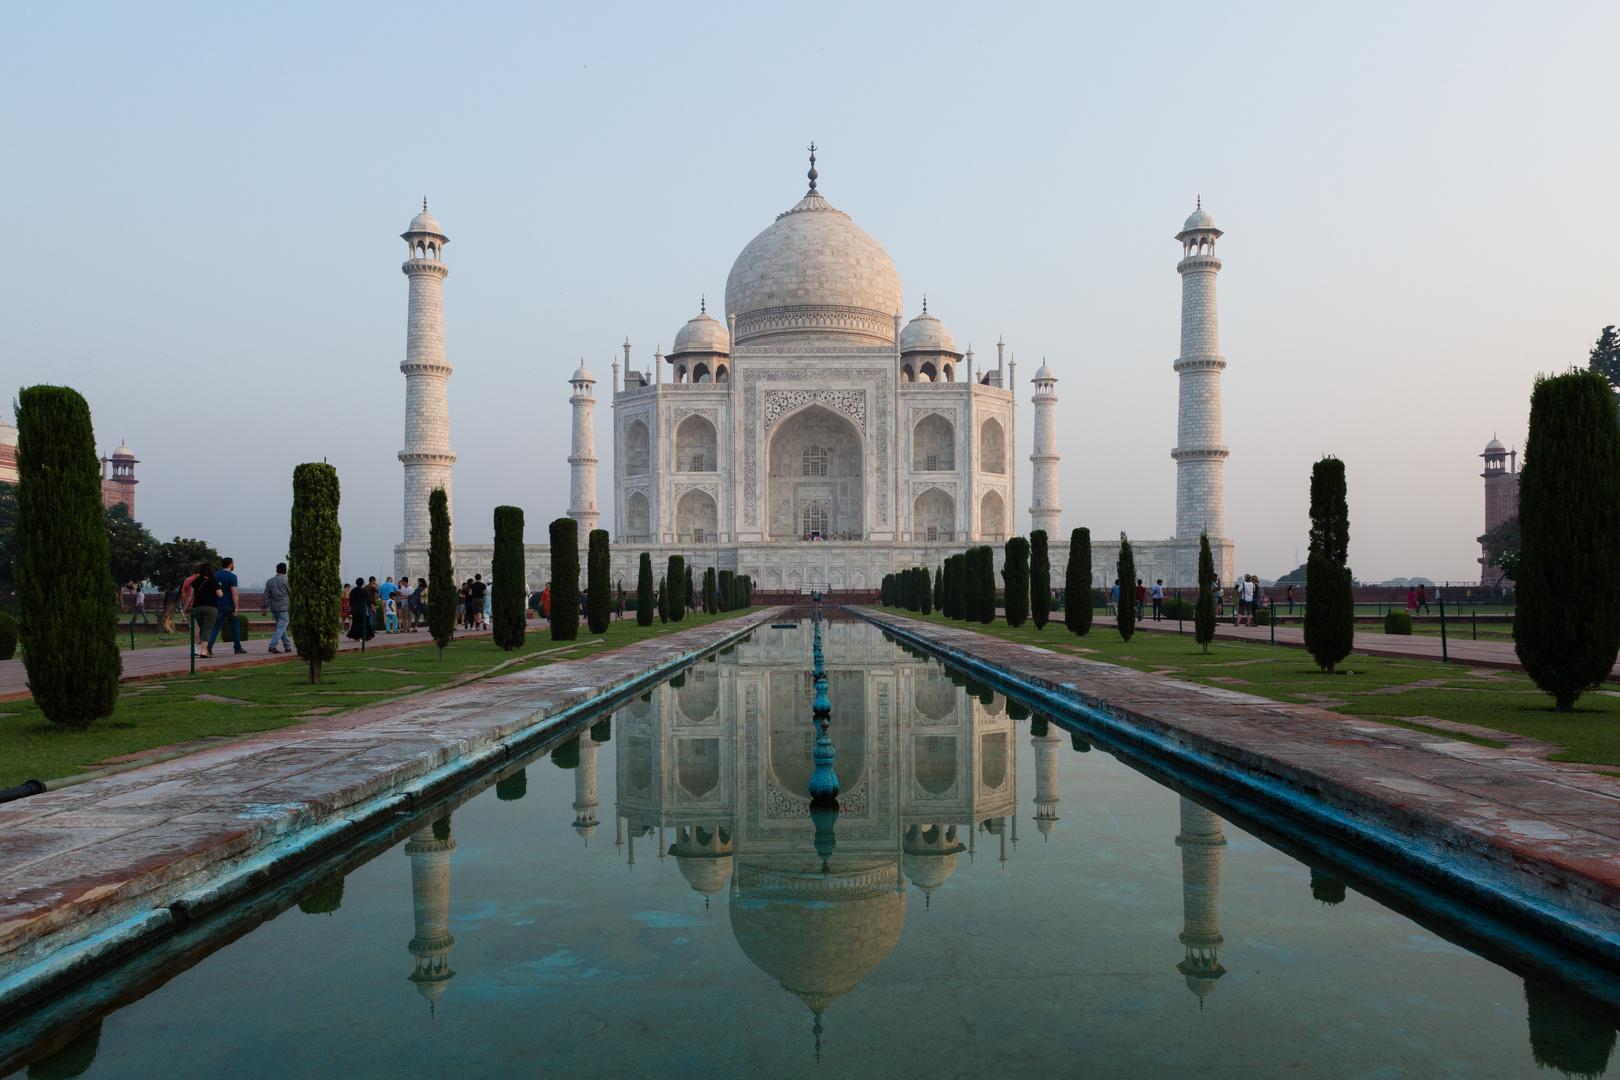 Das Taj Mahal - die klassische Ansicht (1)